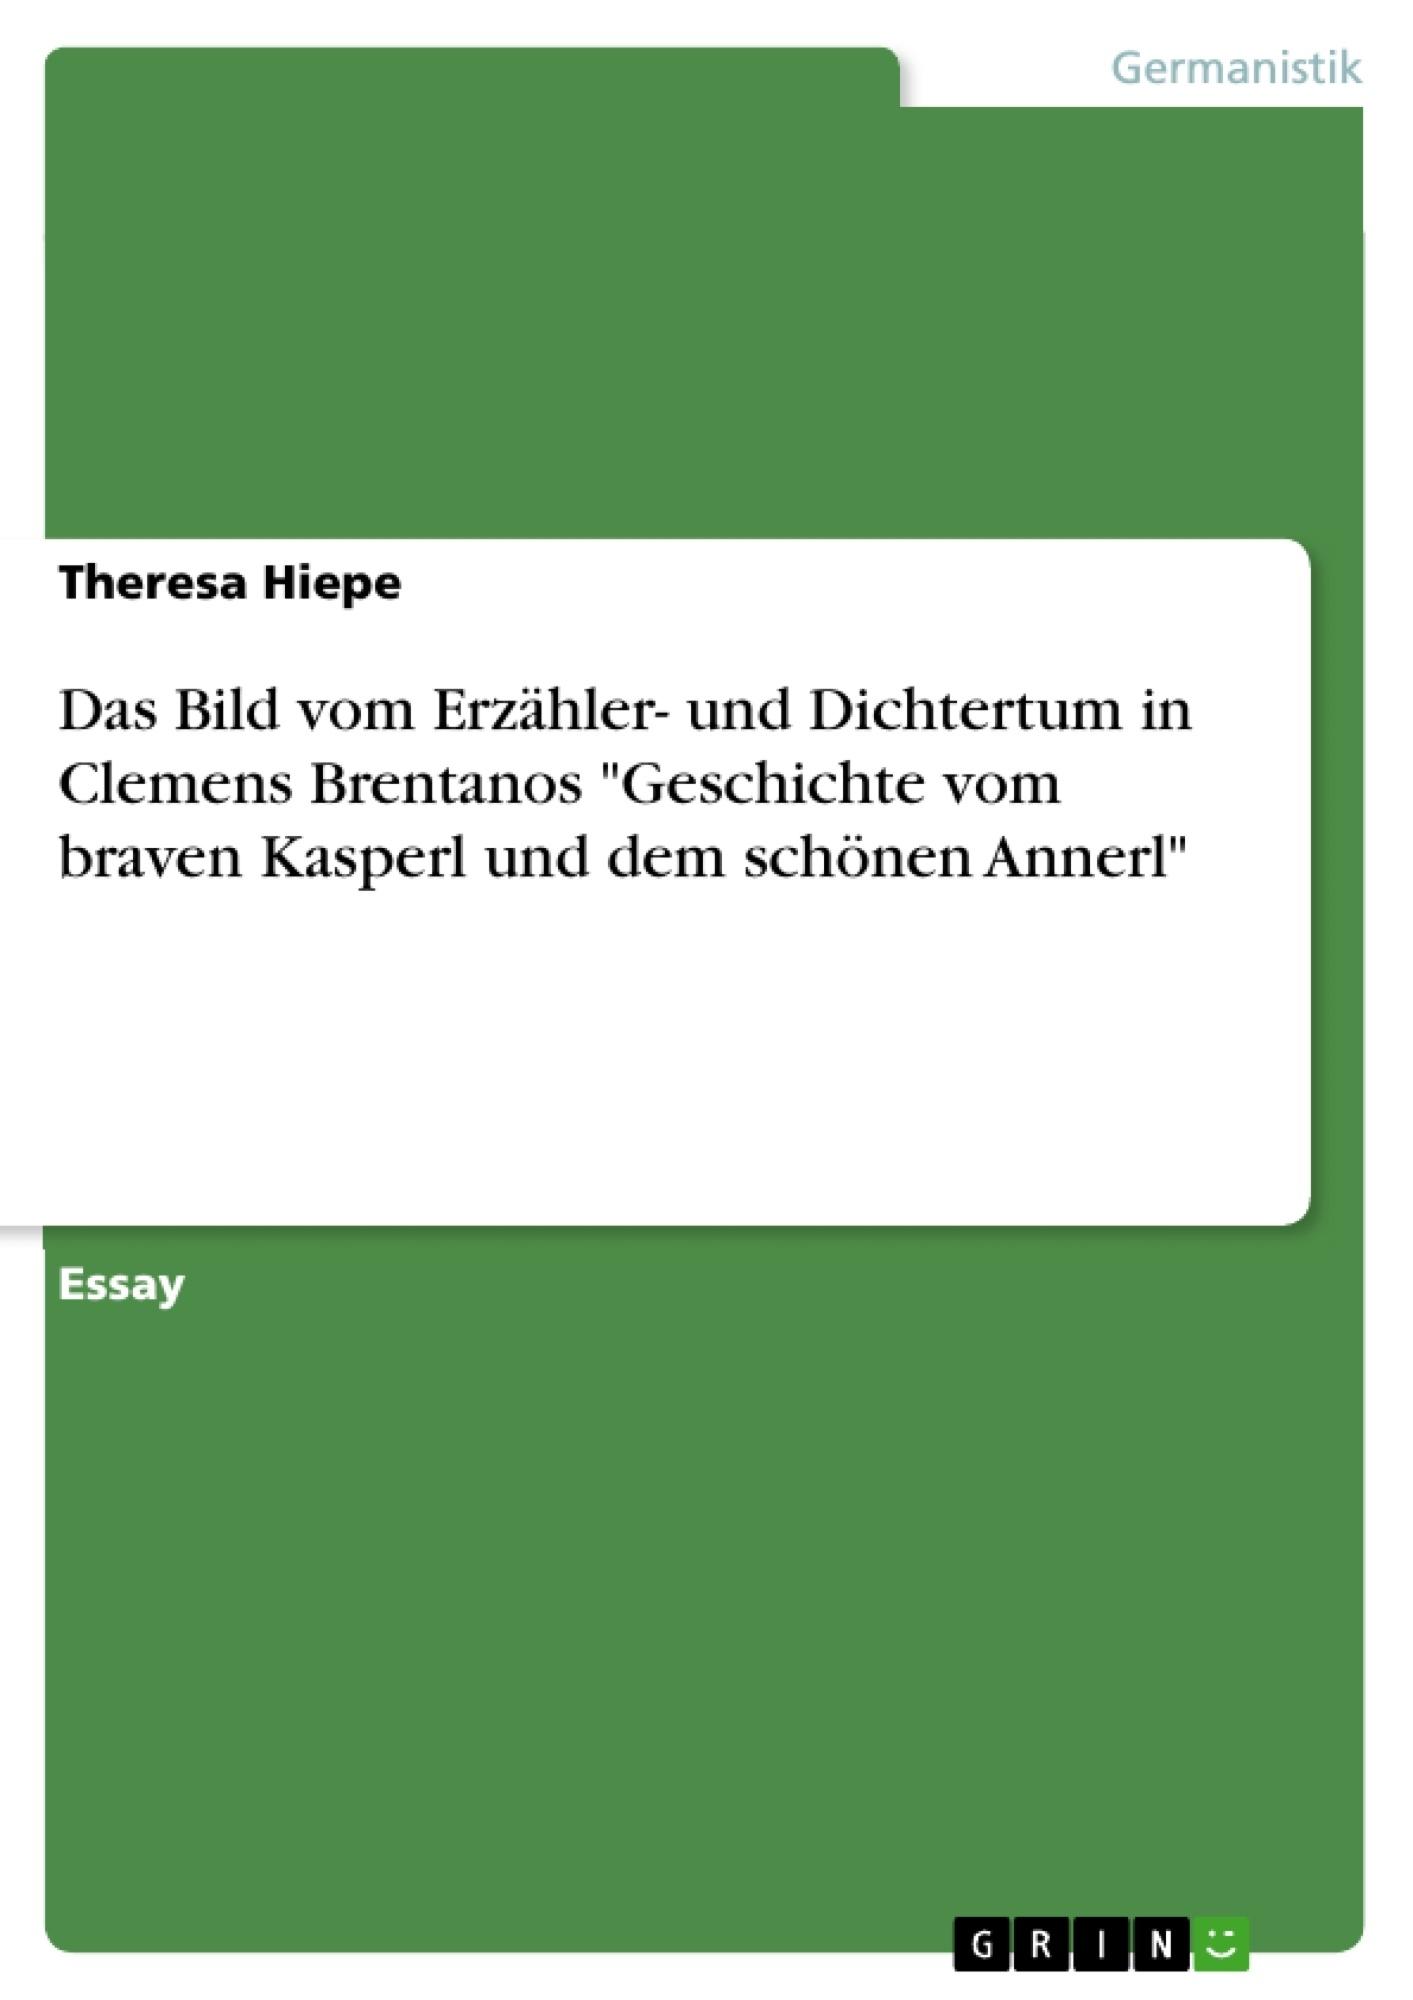 """Titel: Das Bild vom Erzähler- und Dichtertum in Clemens Brentanos """"Geschichte vom braven Kasperl und dem schönen Annerl"""""""